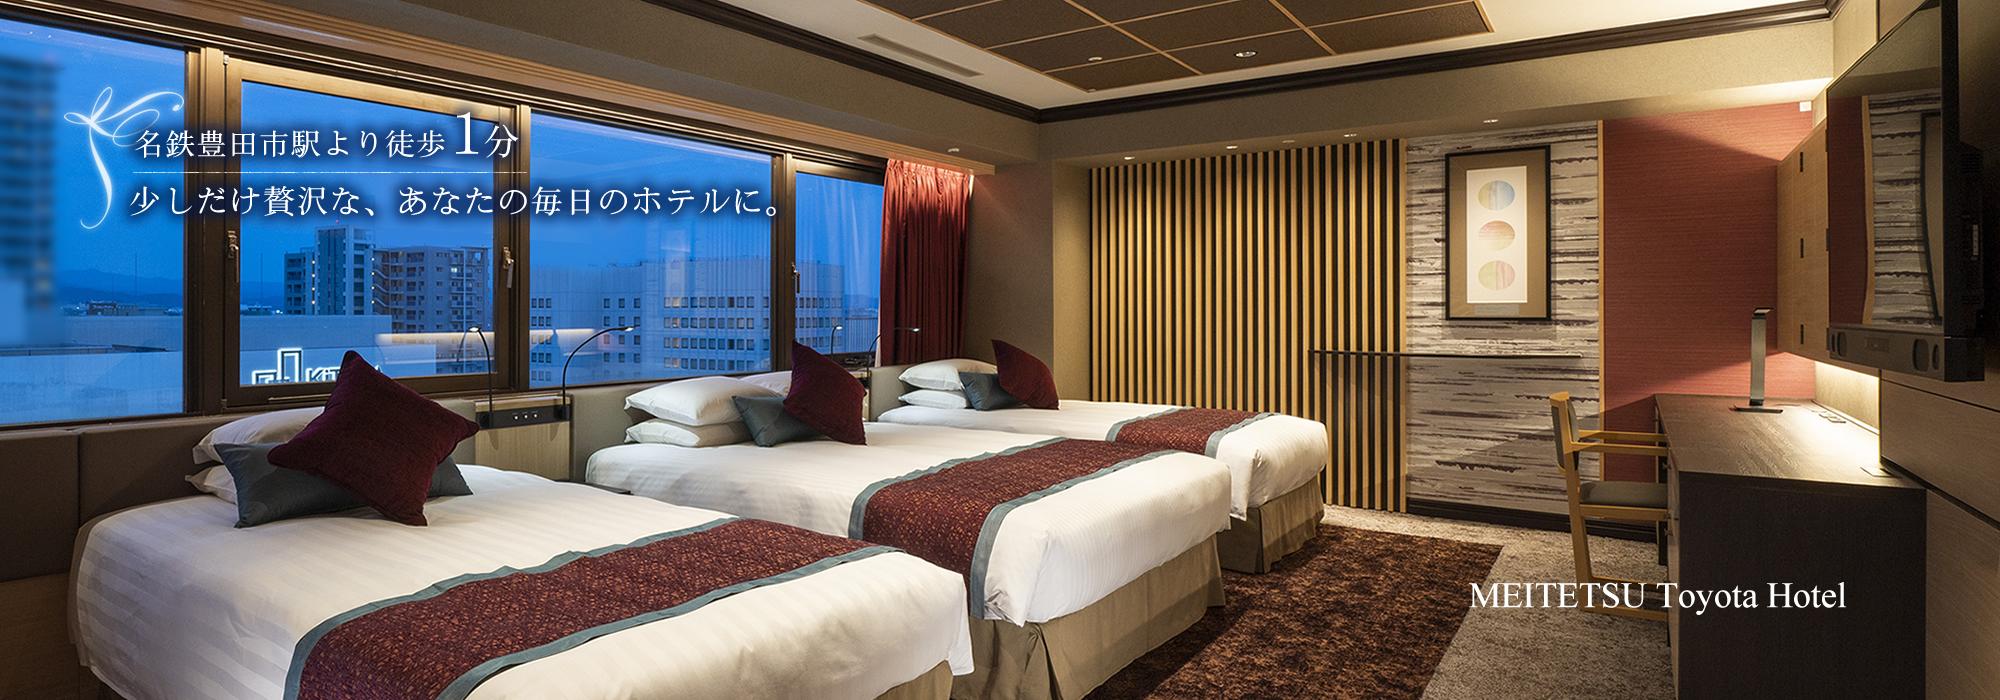 名鉄トヨタホテル スイートルーム